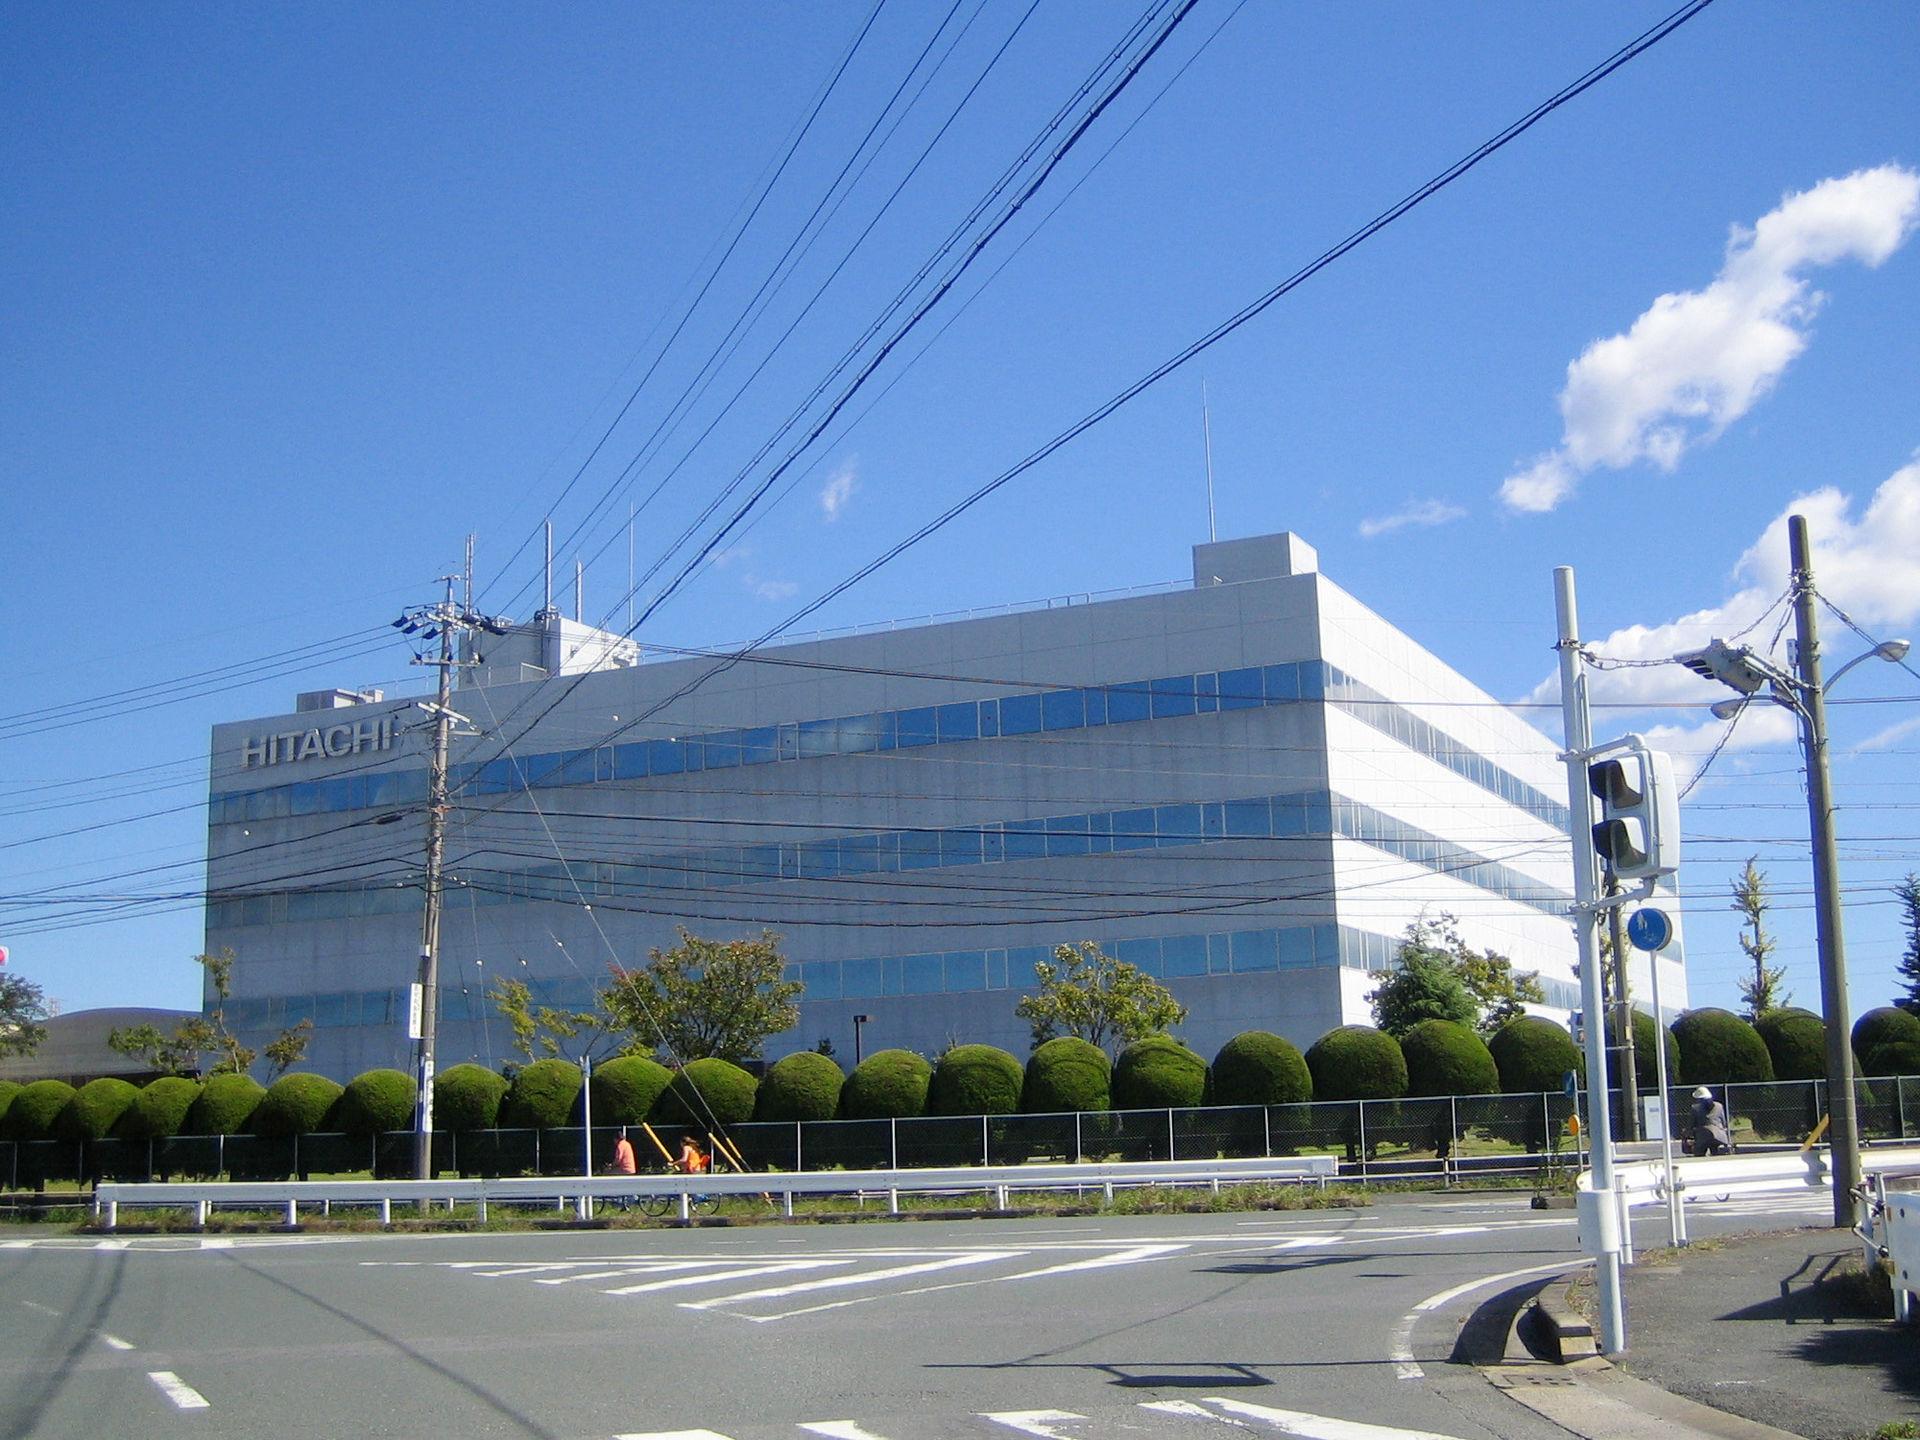 Hitachi Ltd